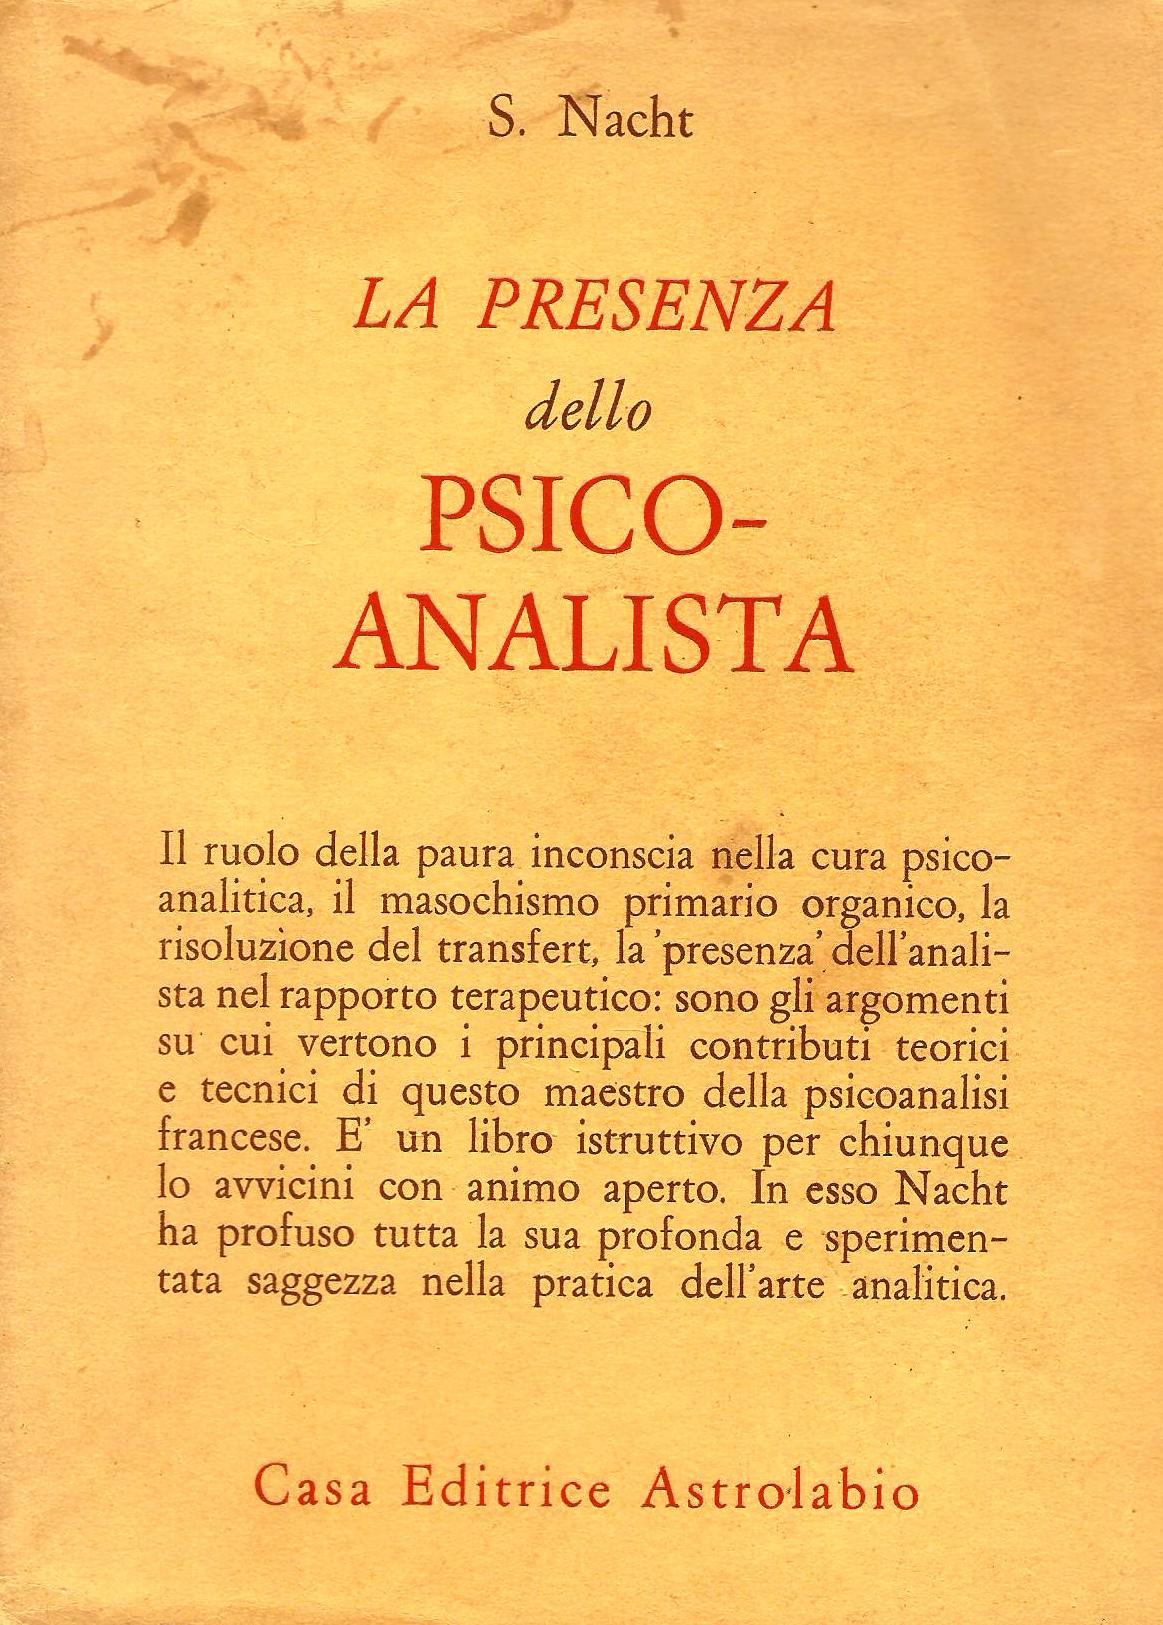 La presenza dello psicoanalista